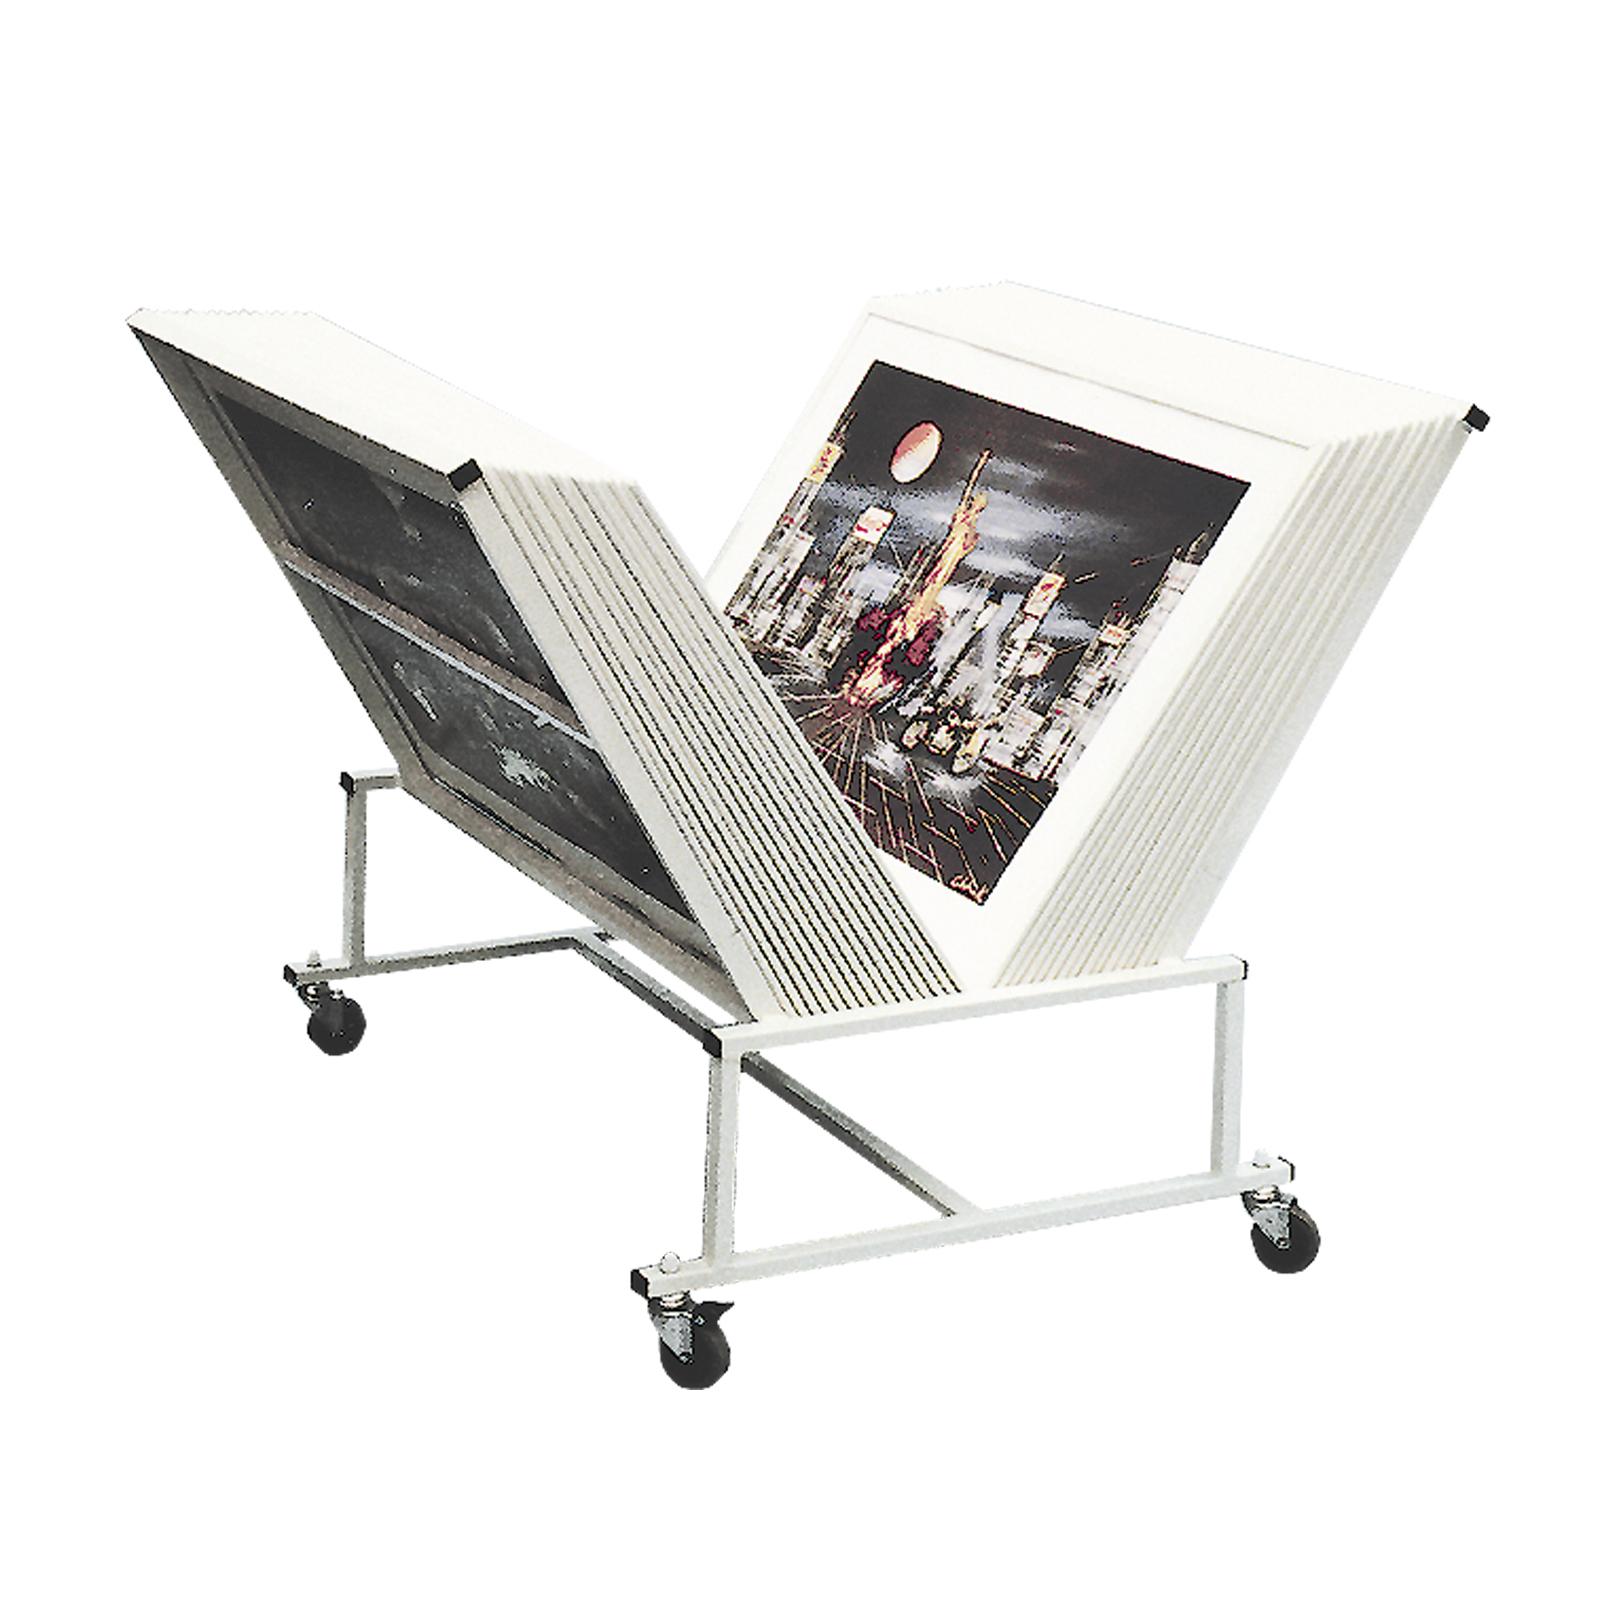 Galeriewagen - 70 x 100 cm | Präsentation | Schutz / Präsentation ...